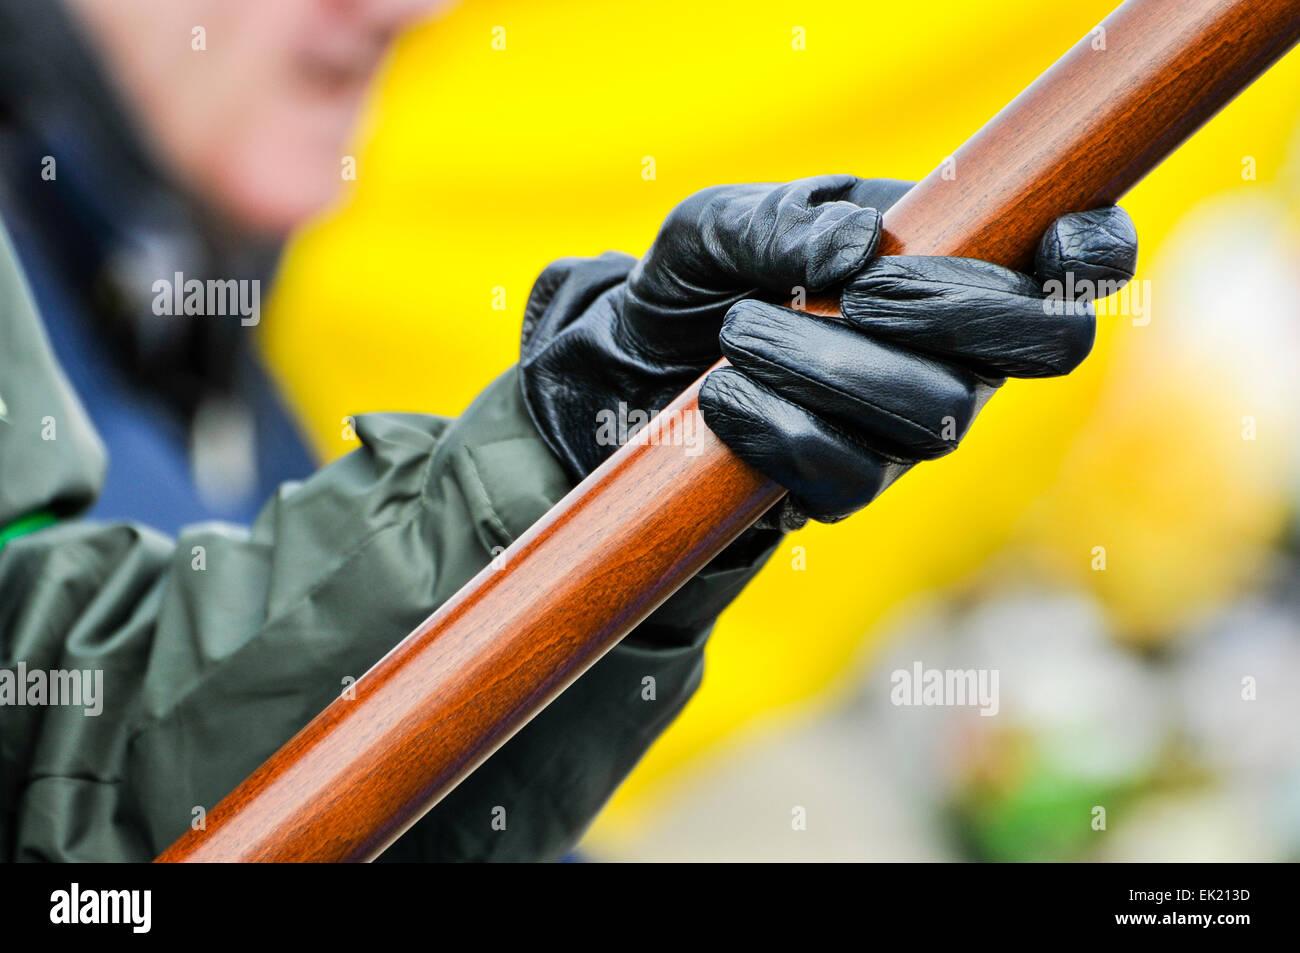 Una persona vistiendo un uniforme de estilo paramilitar con guantes negros 736360e5e9f